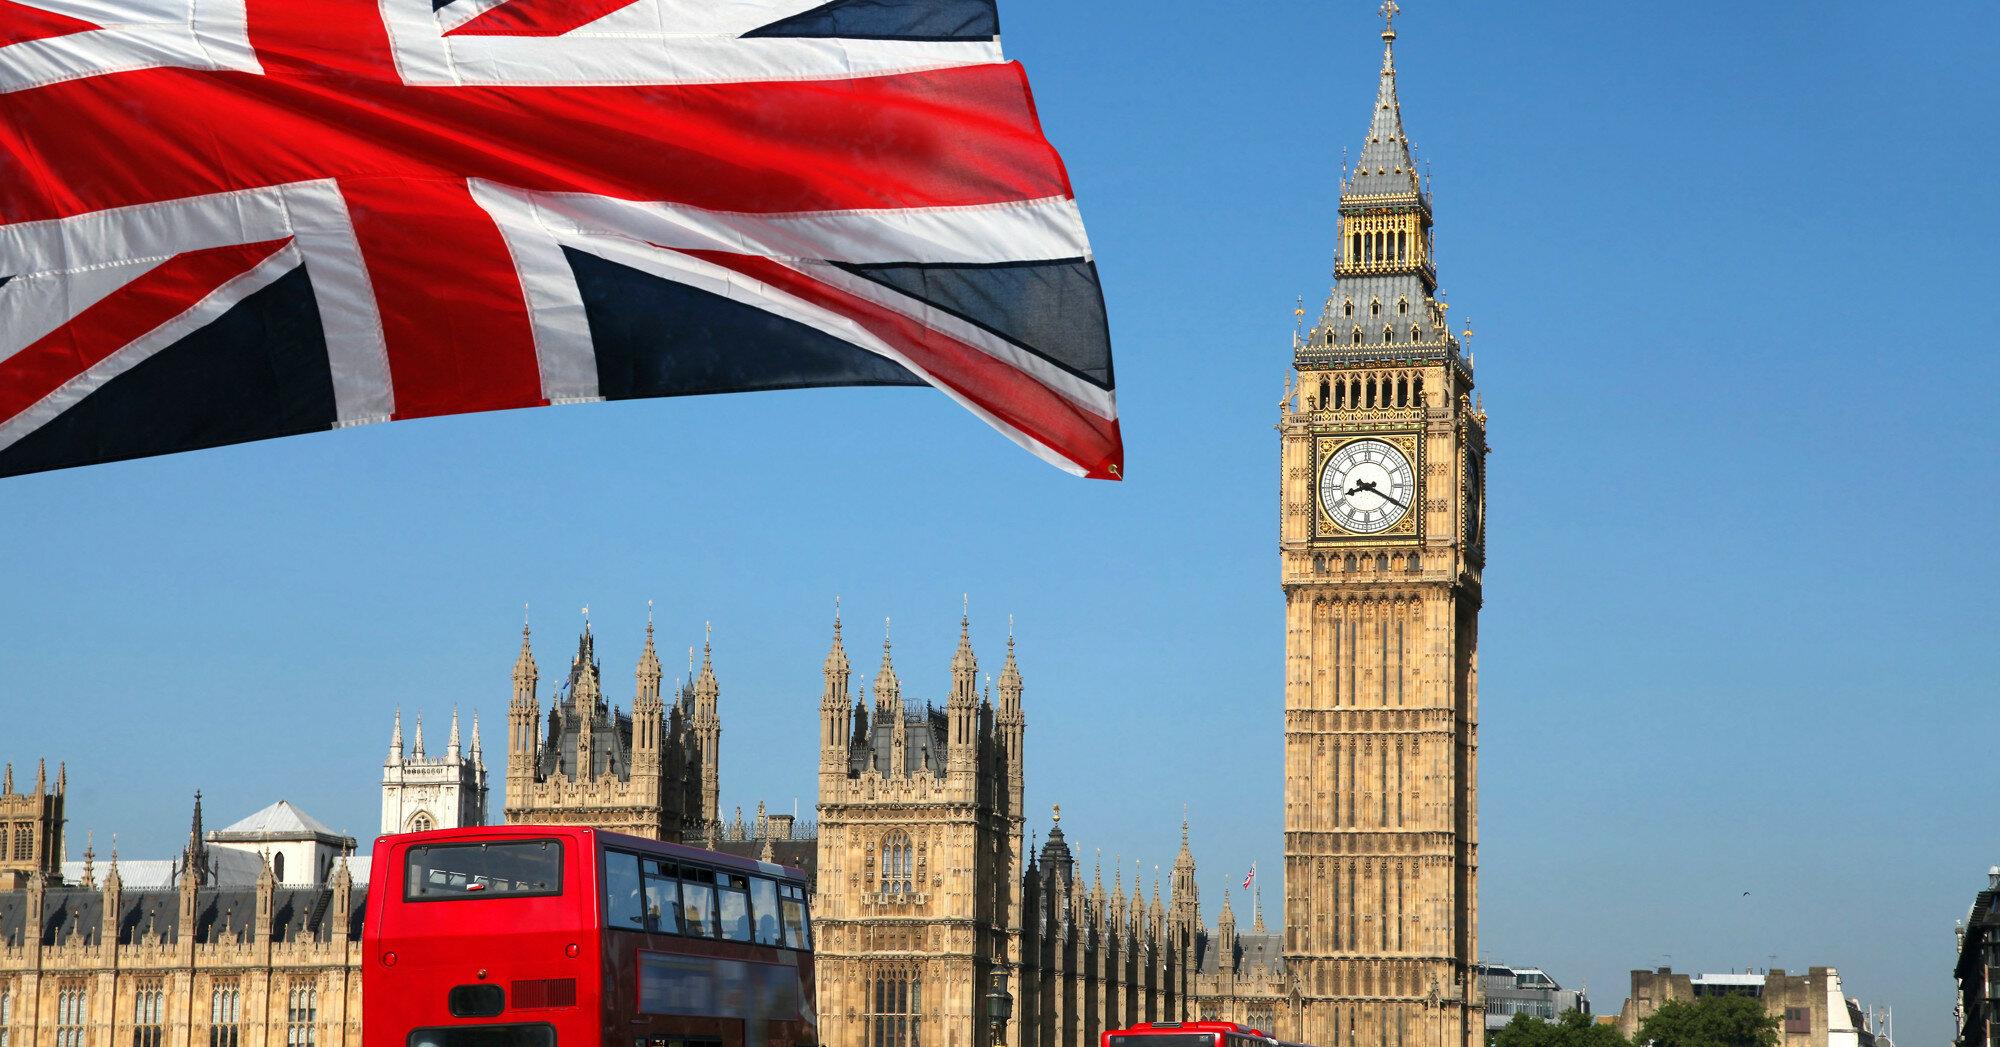 Названы три серьезные финансовые угрозы для Британии